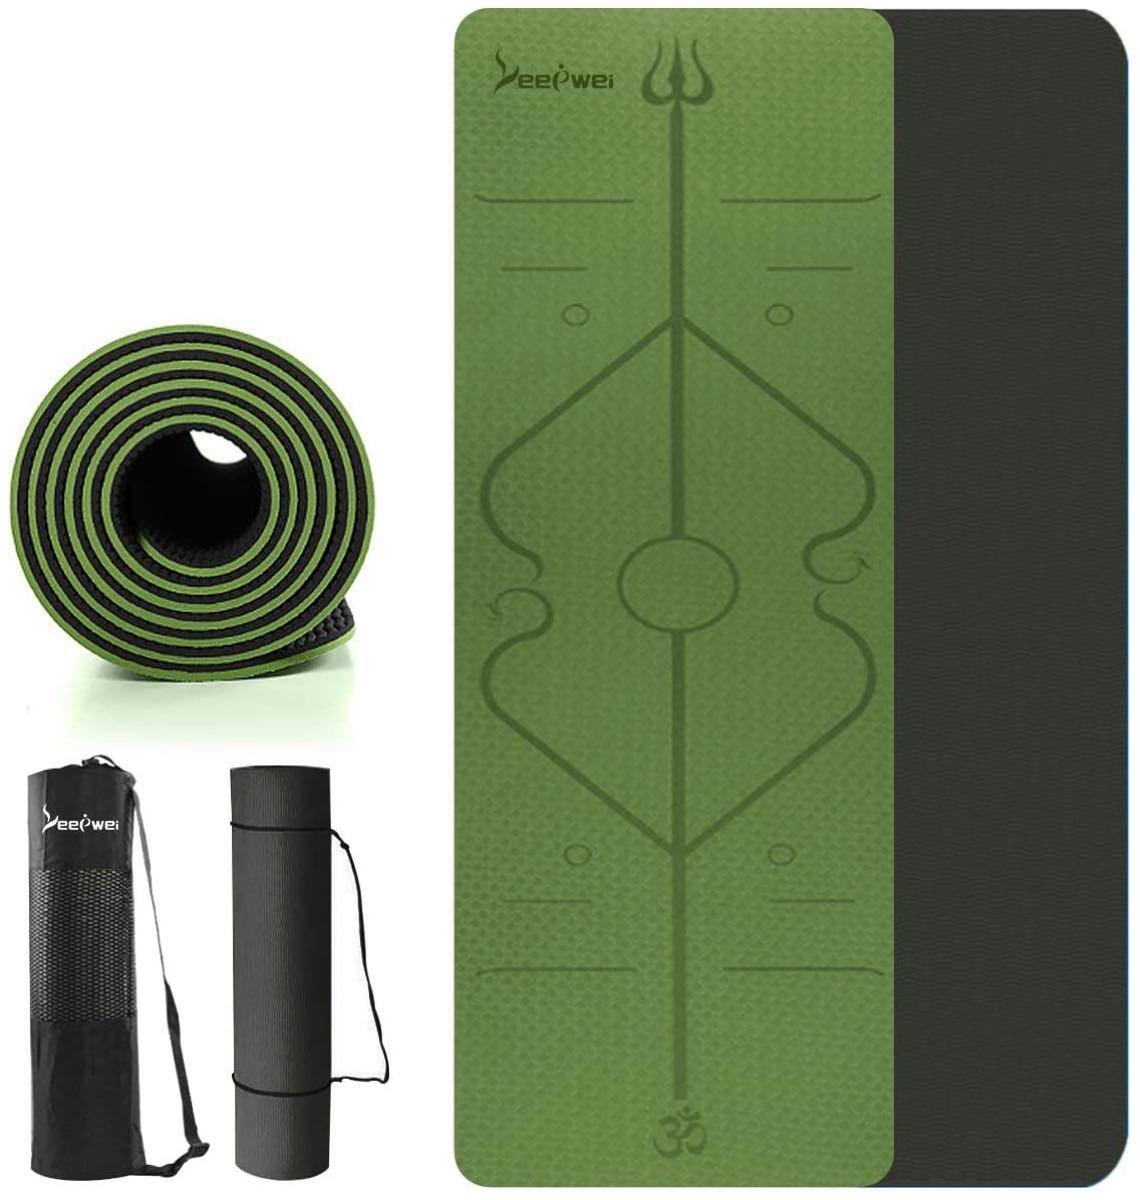 ヨガマットトレーニングマット ガイドライン付き 6mm エクササイズマット